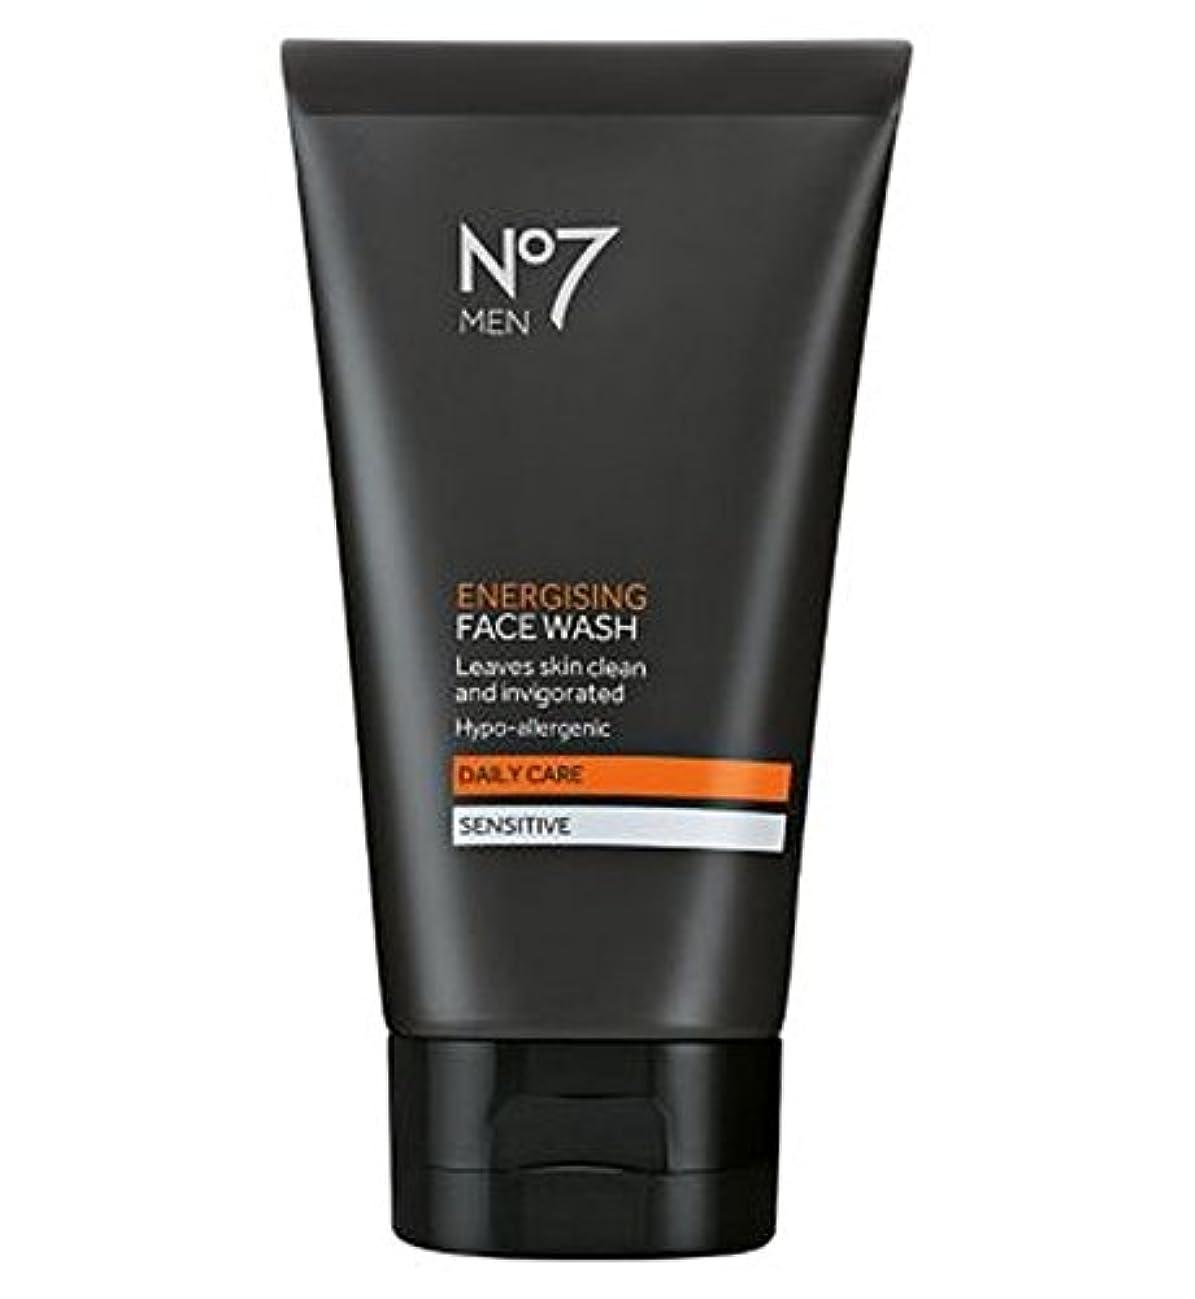 電気不健康未知のNo7 Men Energising Face Wash 150ml - 洗顔料の150ミリリットルを通電No7の男性 (No7) [並行輸入品]